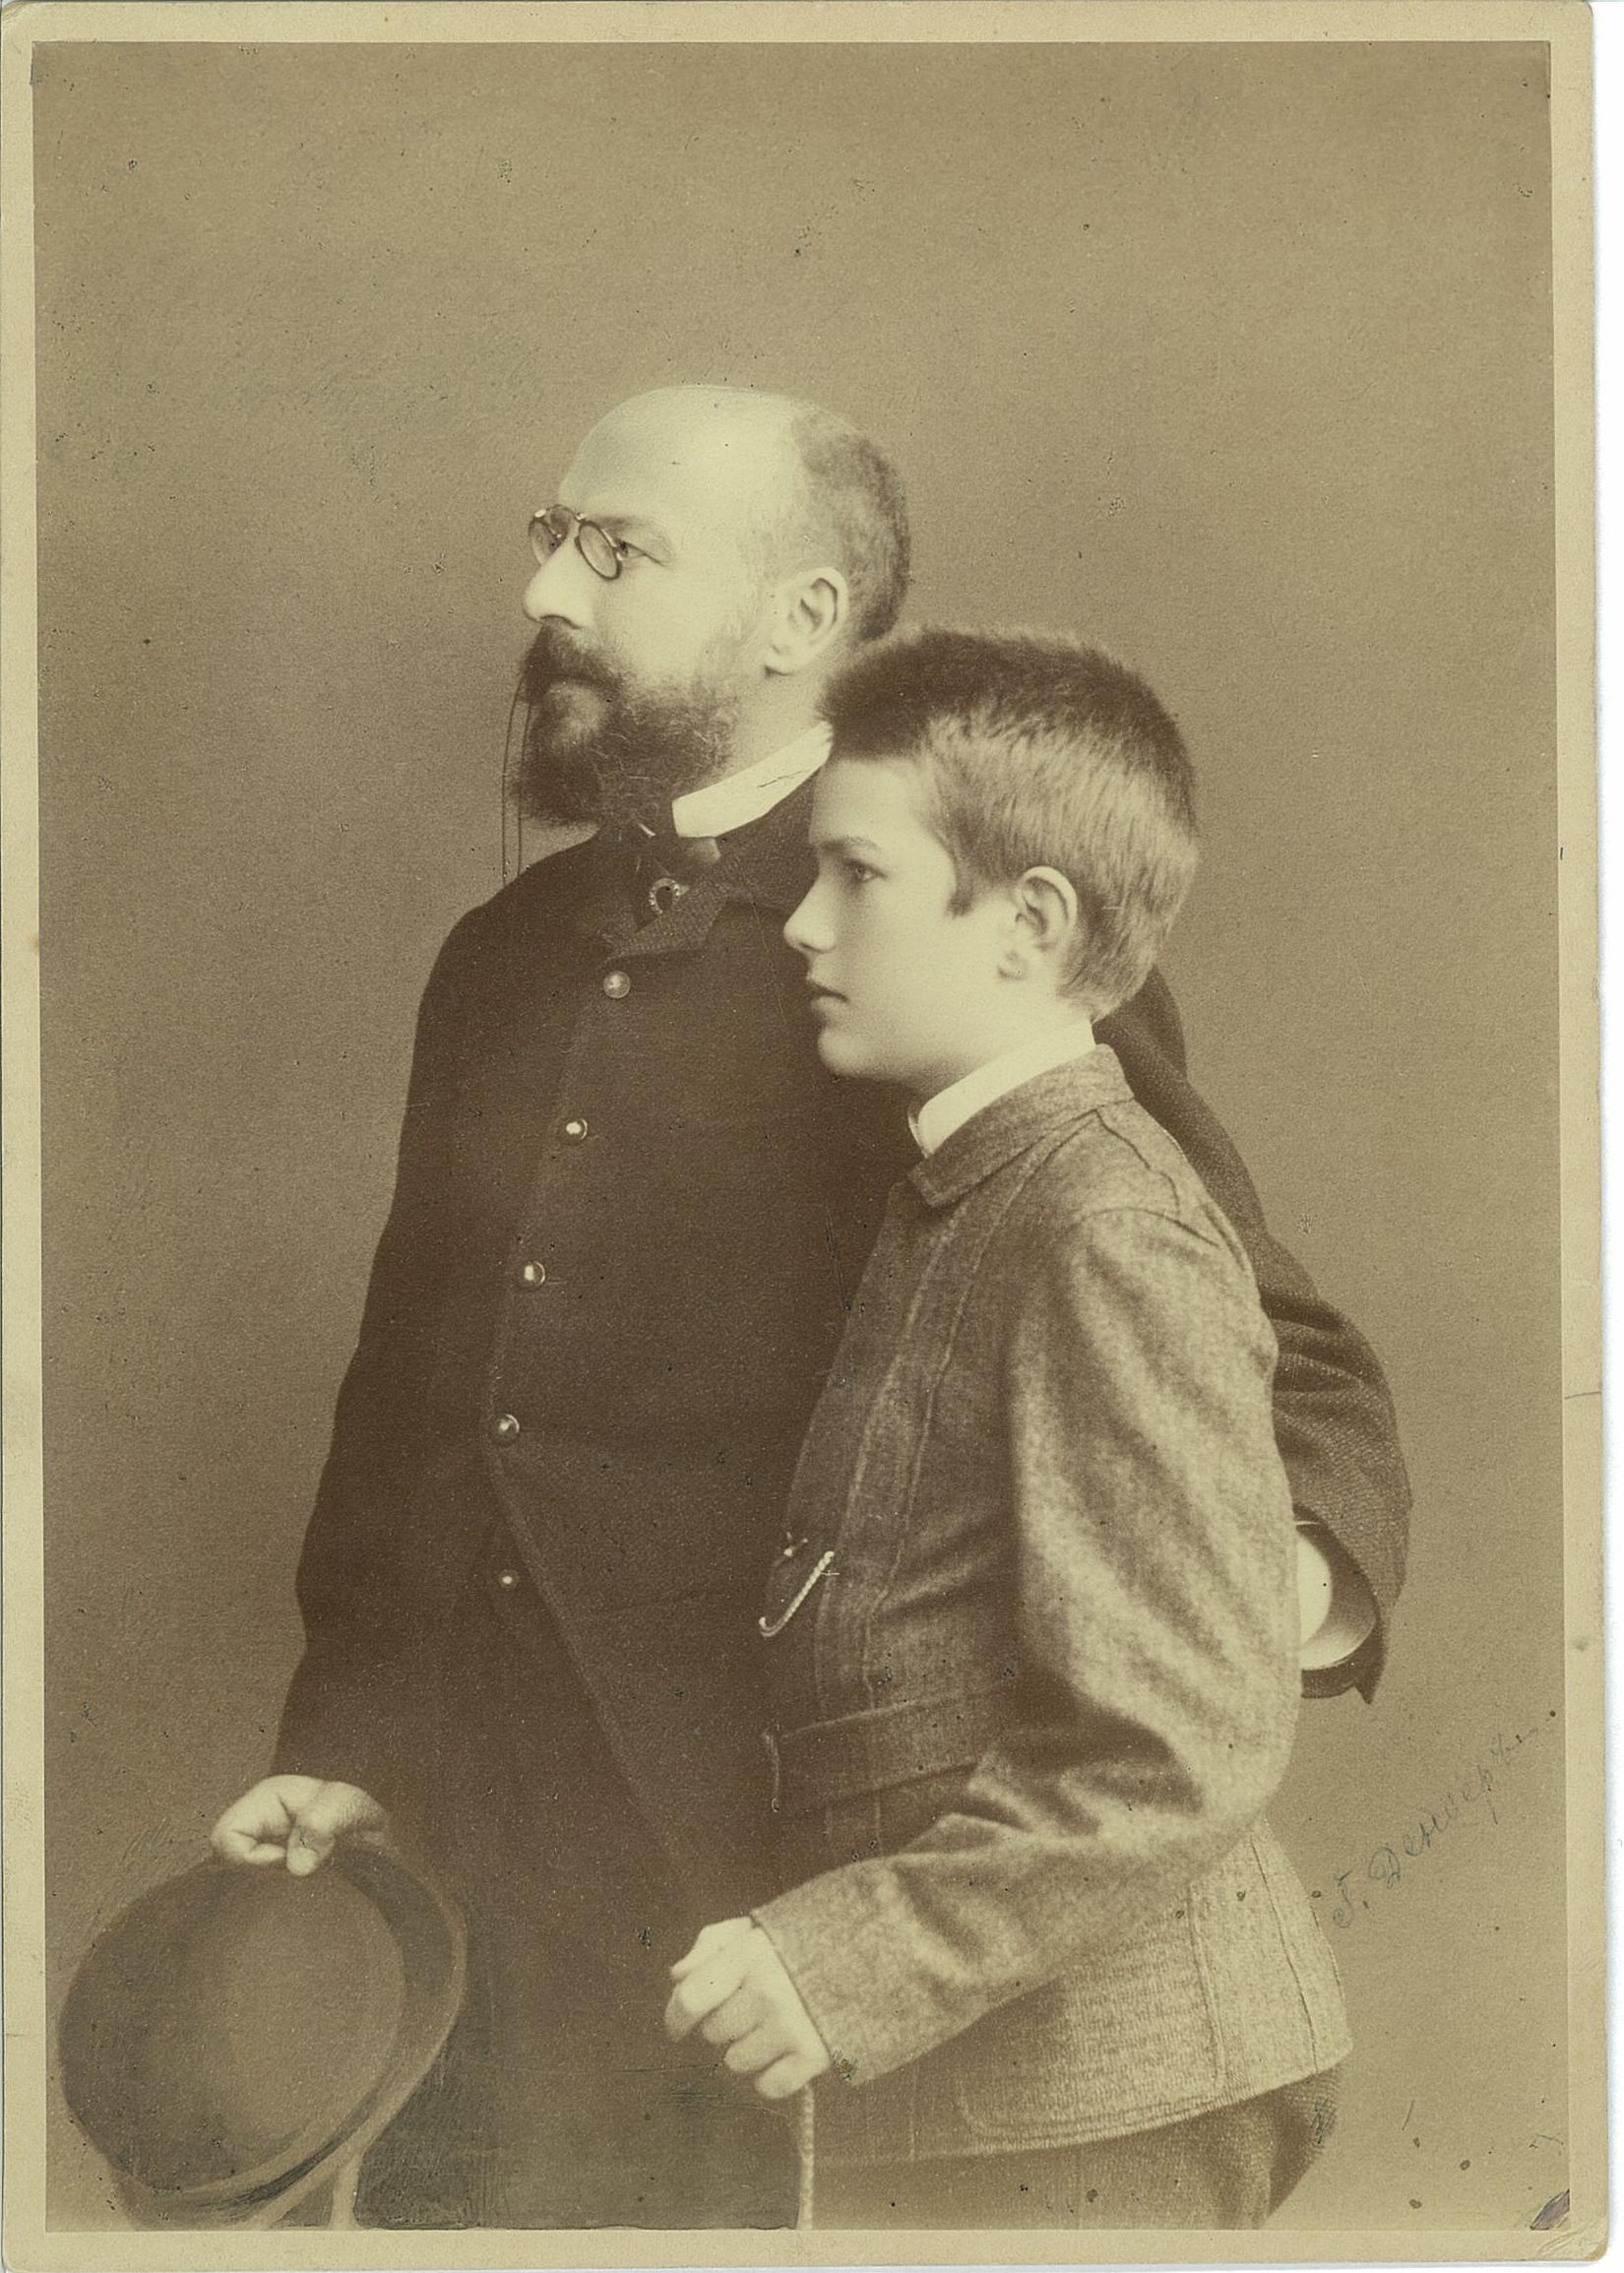 Василий Павлович Всеволожский со своим отцом, Павлом Александровичем Всеволожским. 1880-е годы.